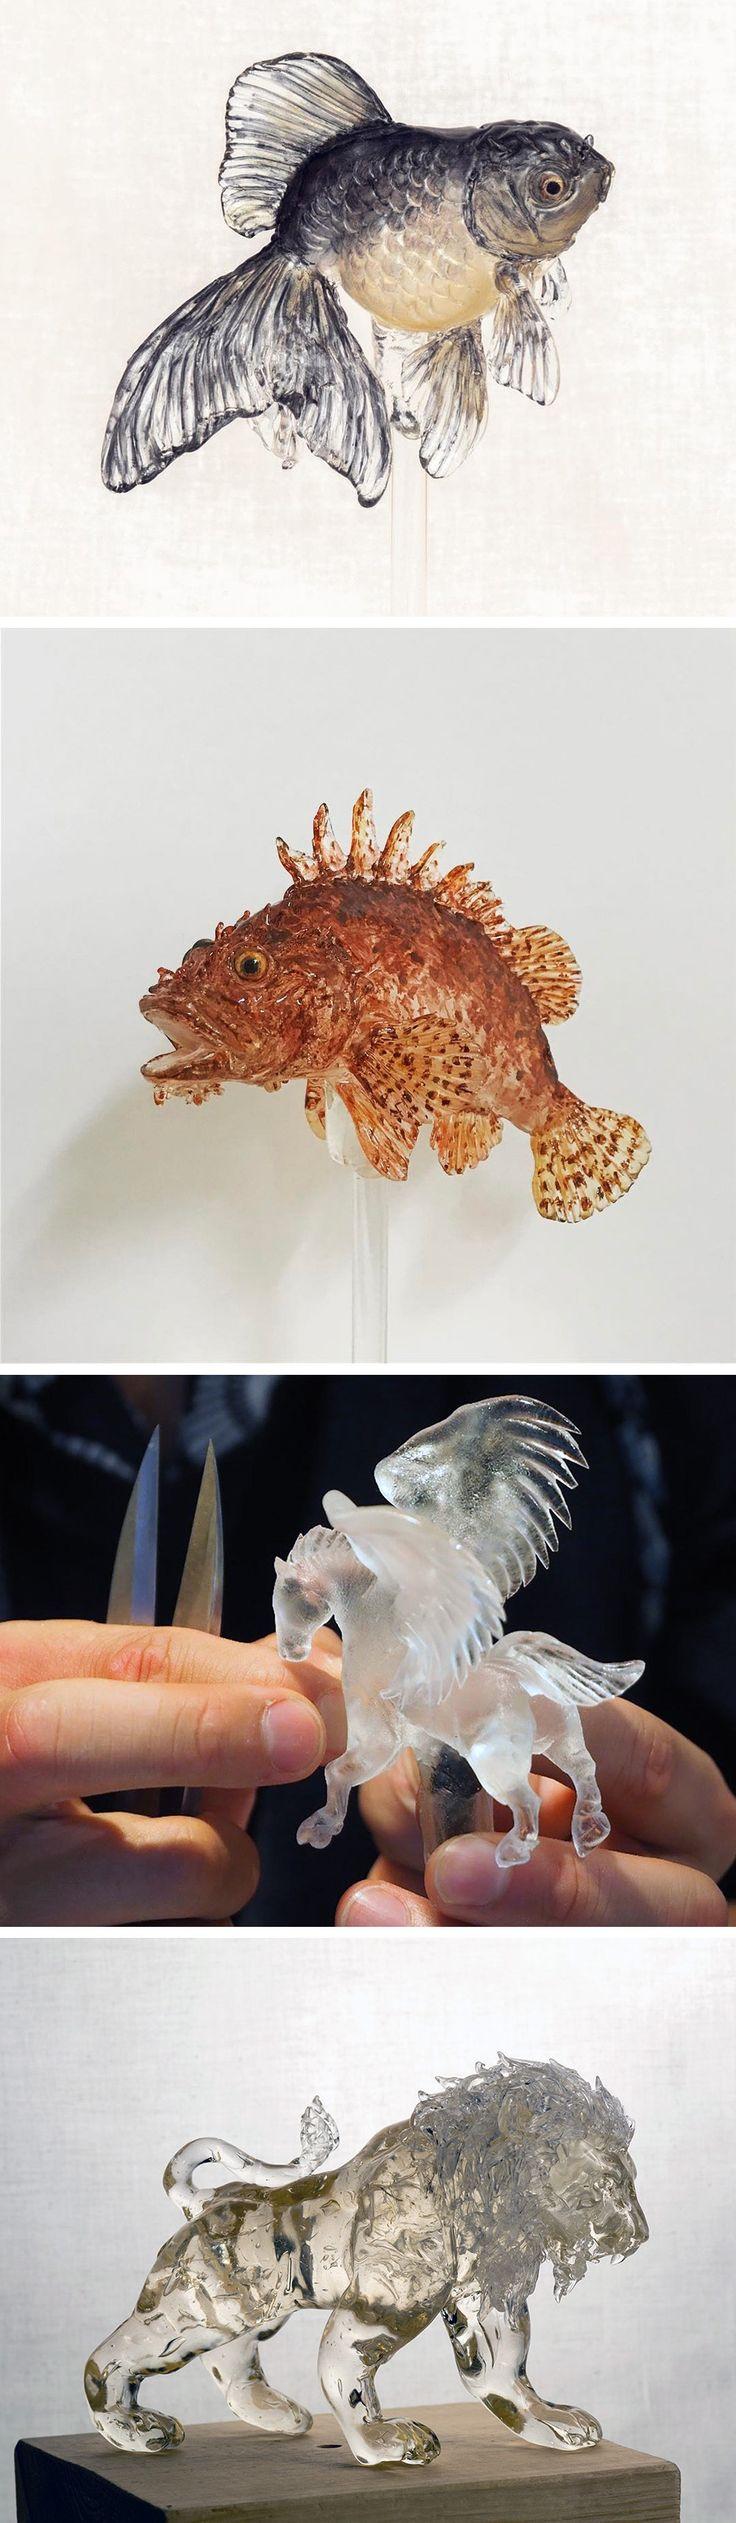 New Edible 'Amezaiku' Animal Lollipop Designs by Shinri Tezuka